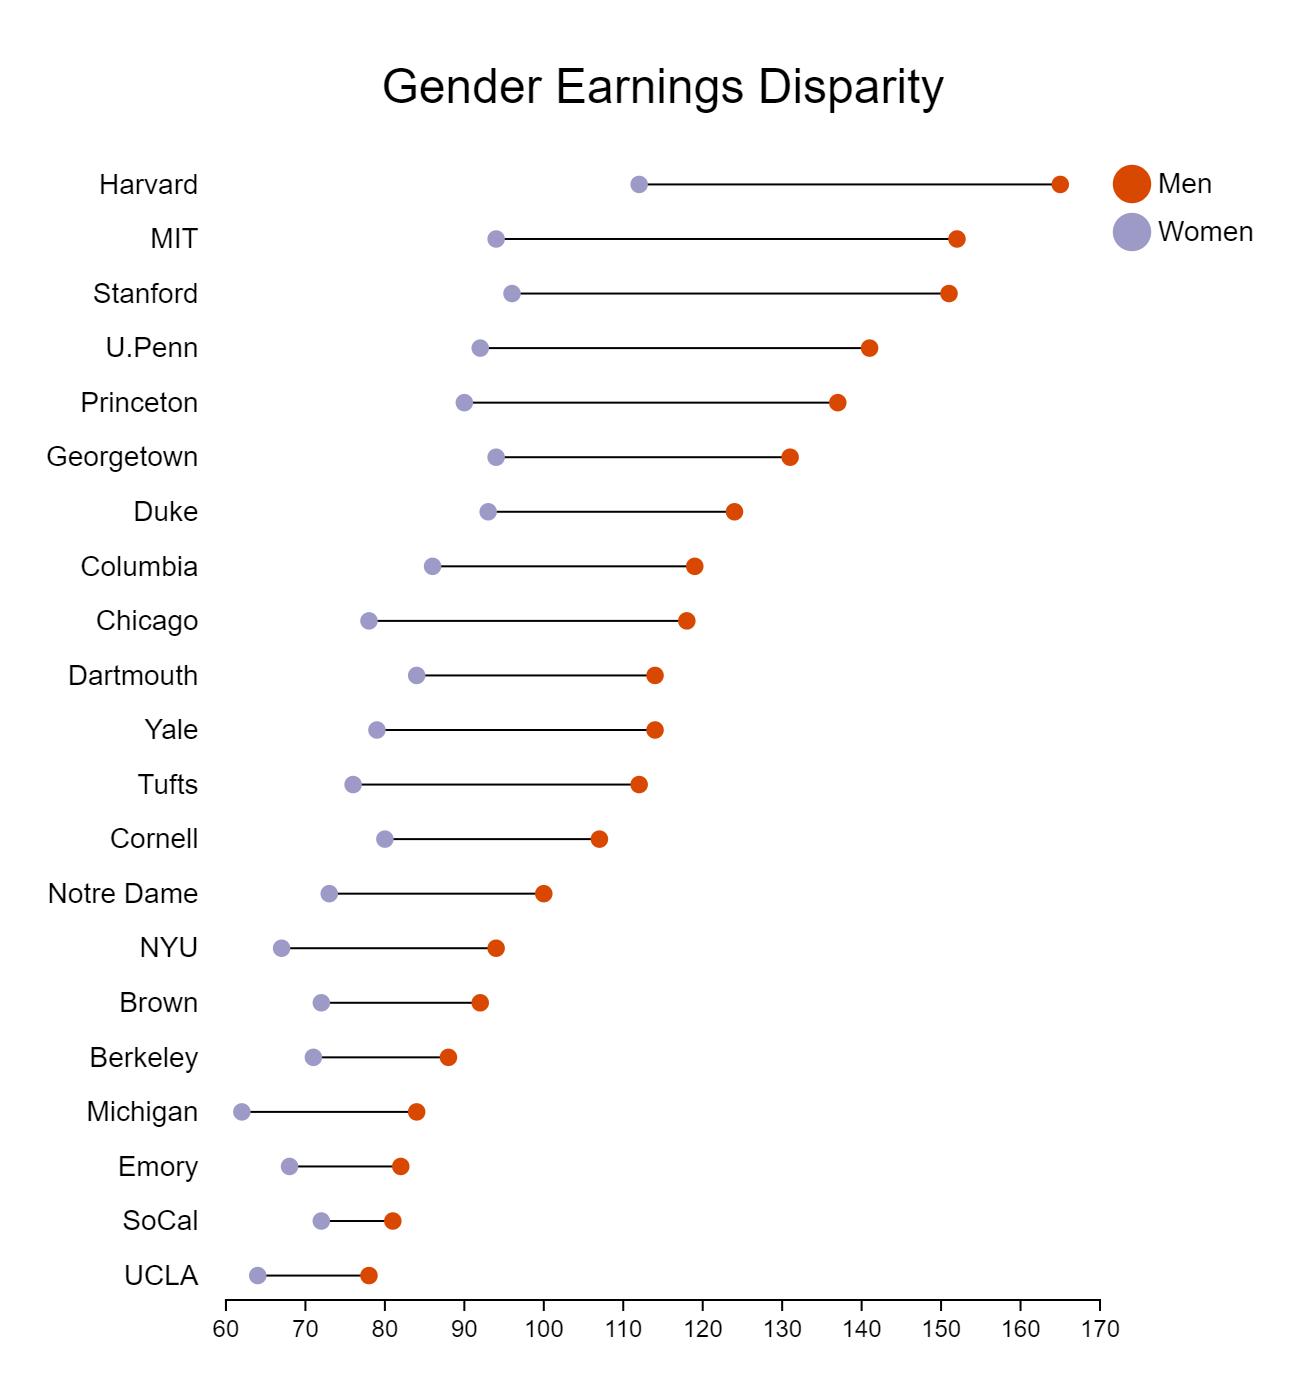 Gender Earnings Disparity